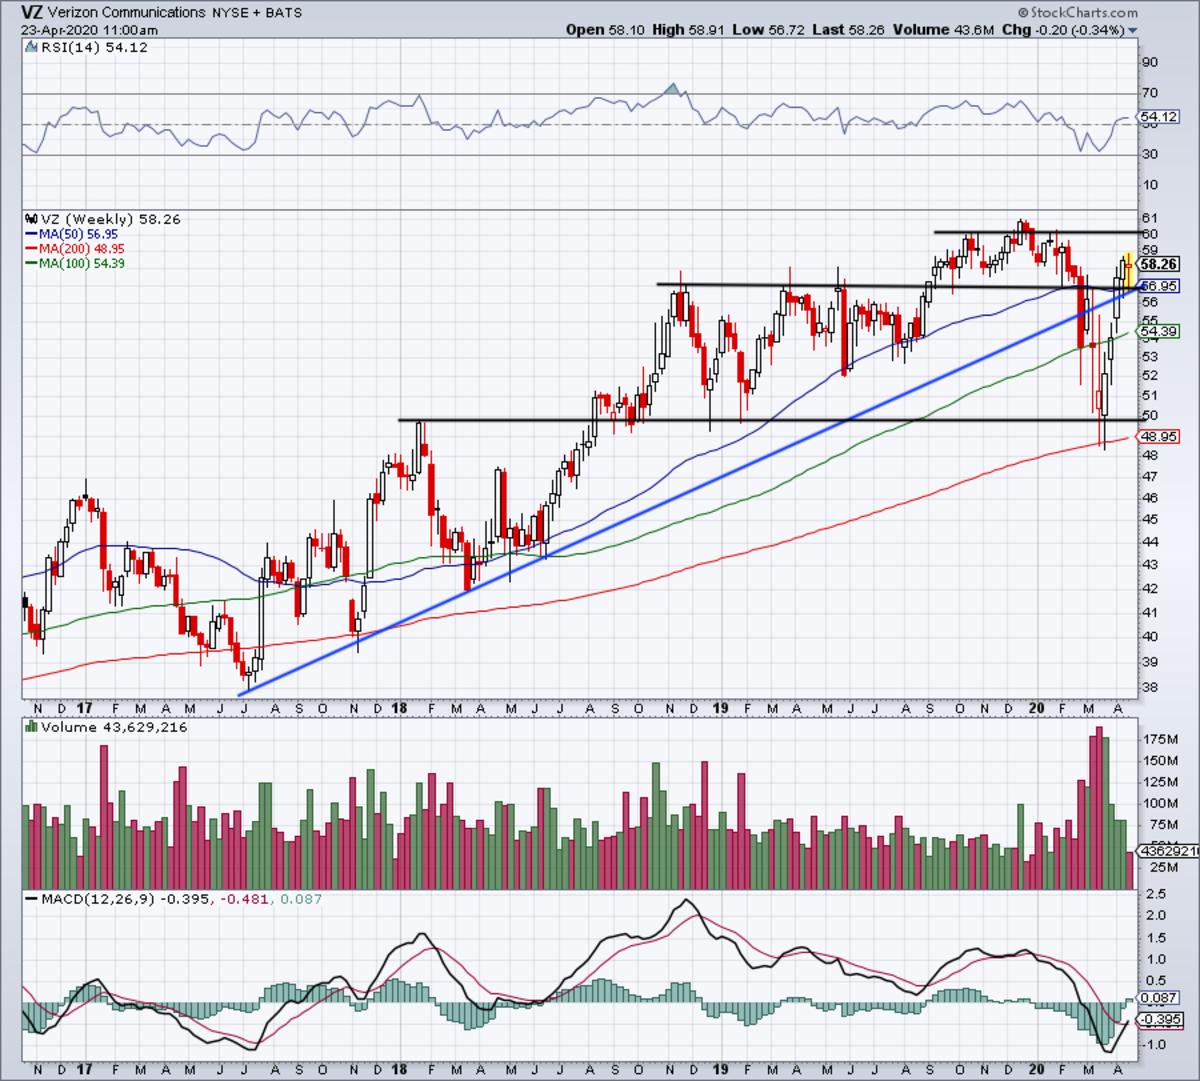 Weekly chart of Verizon stock.